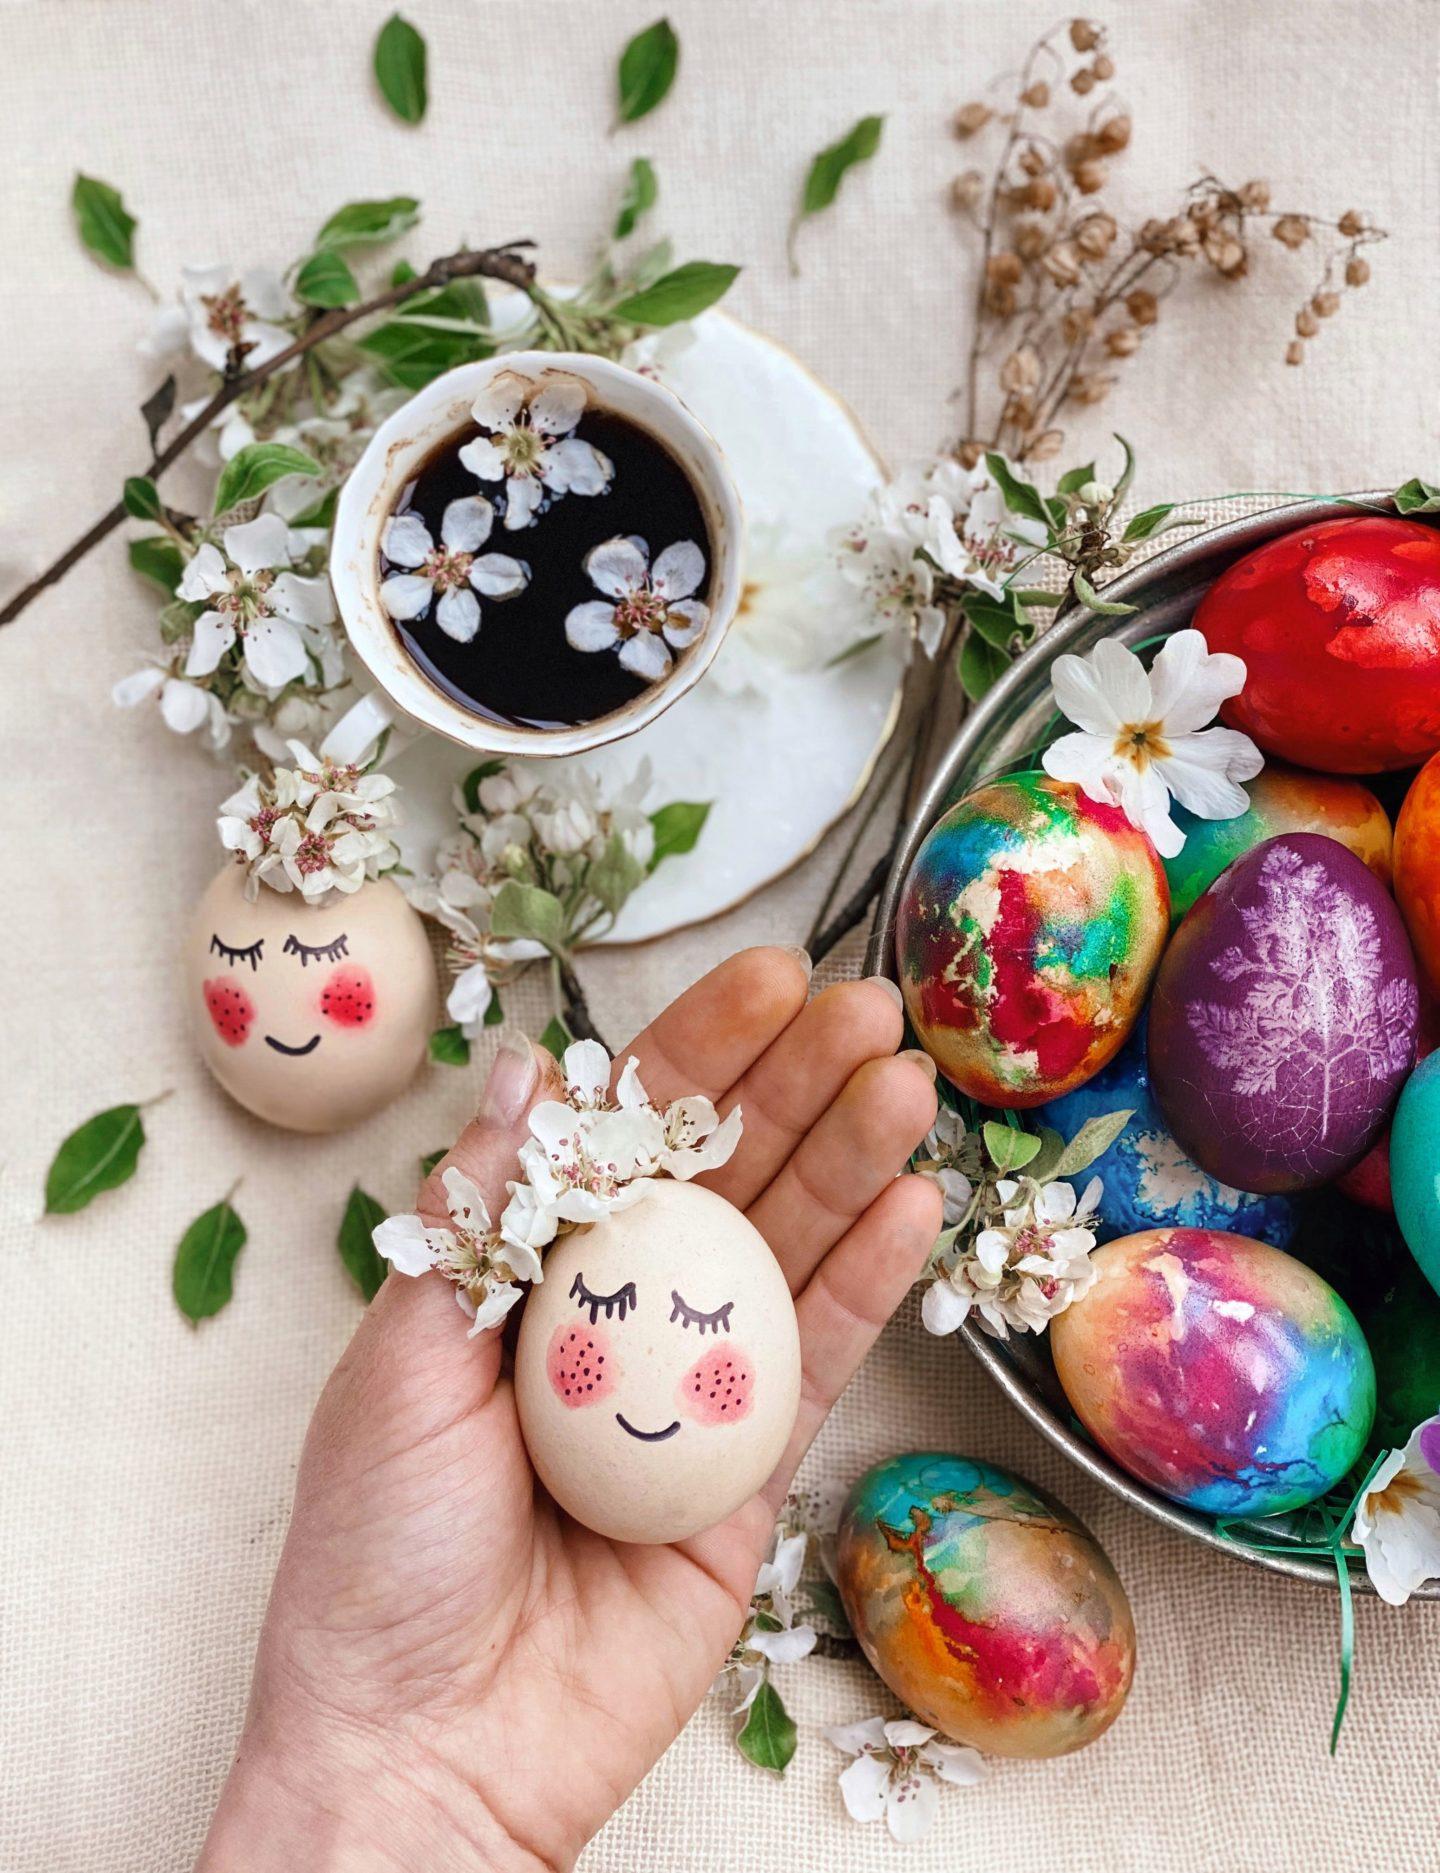 Боядисване на яйца с листенца